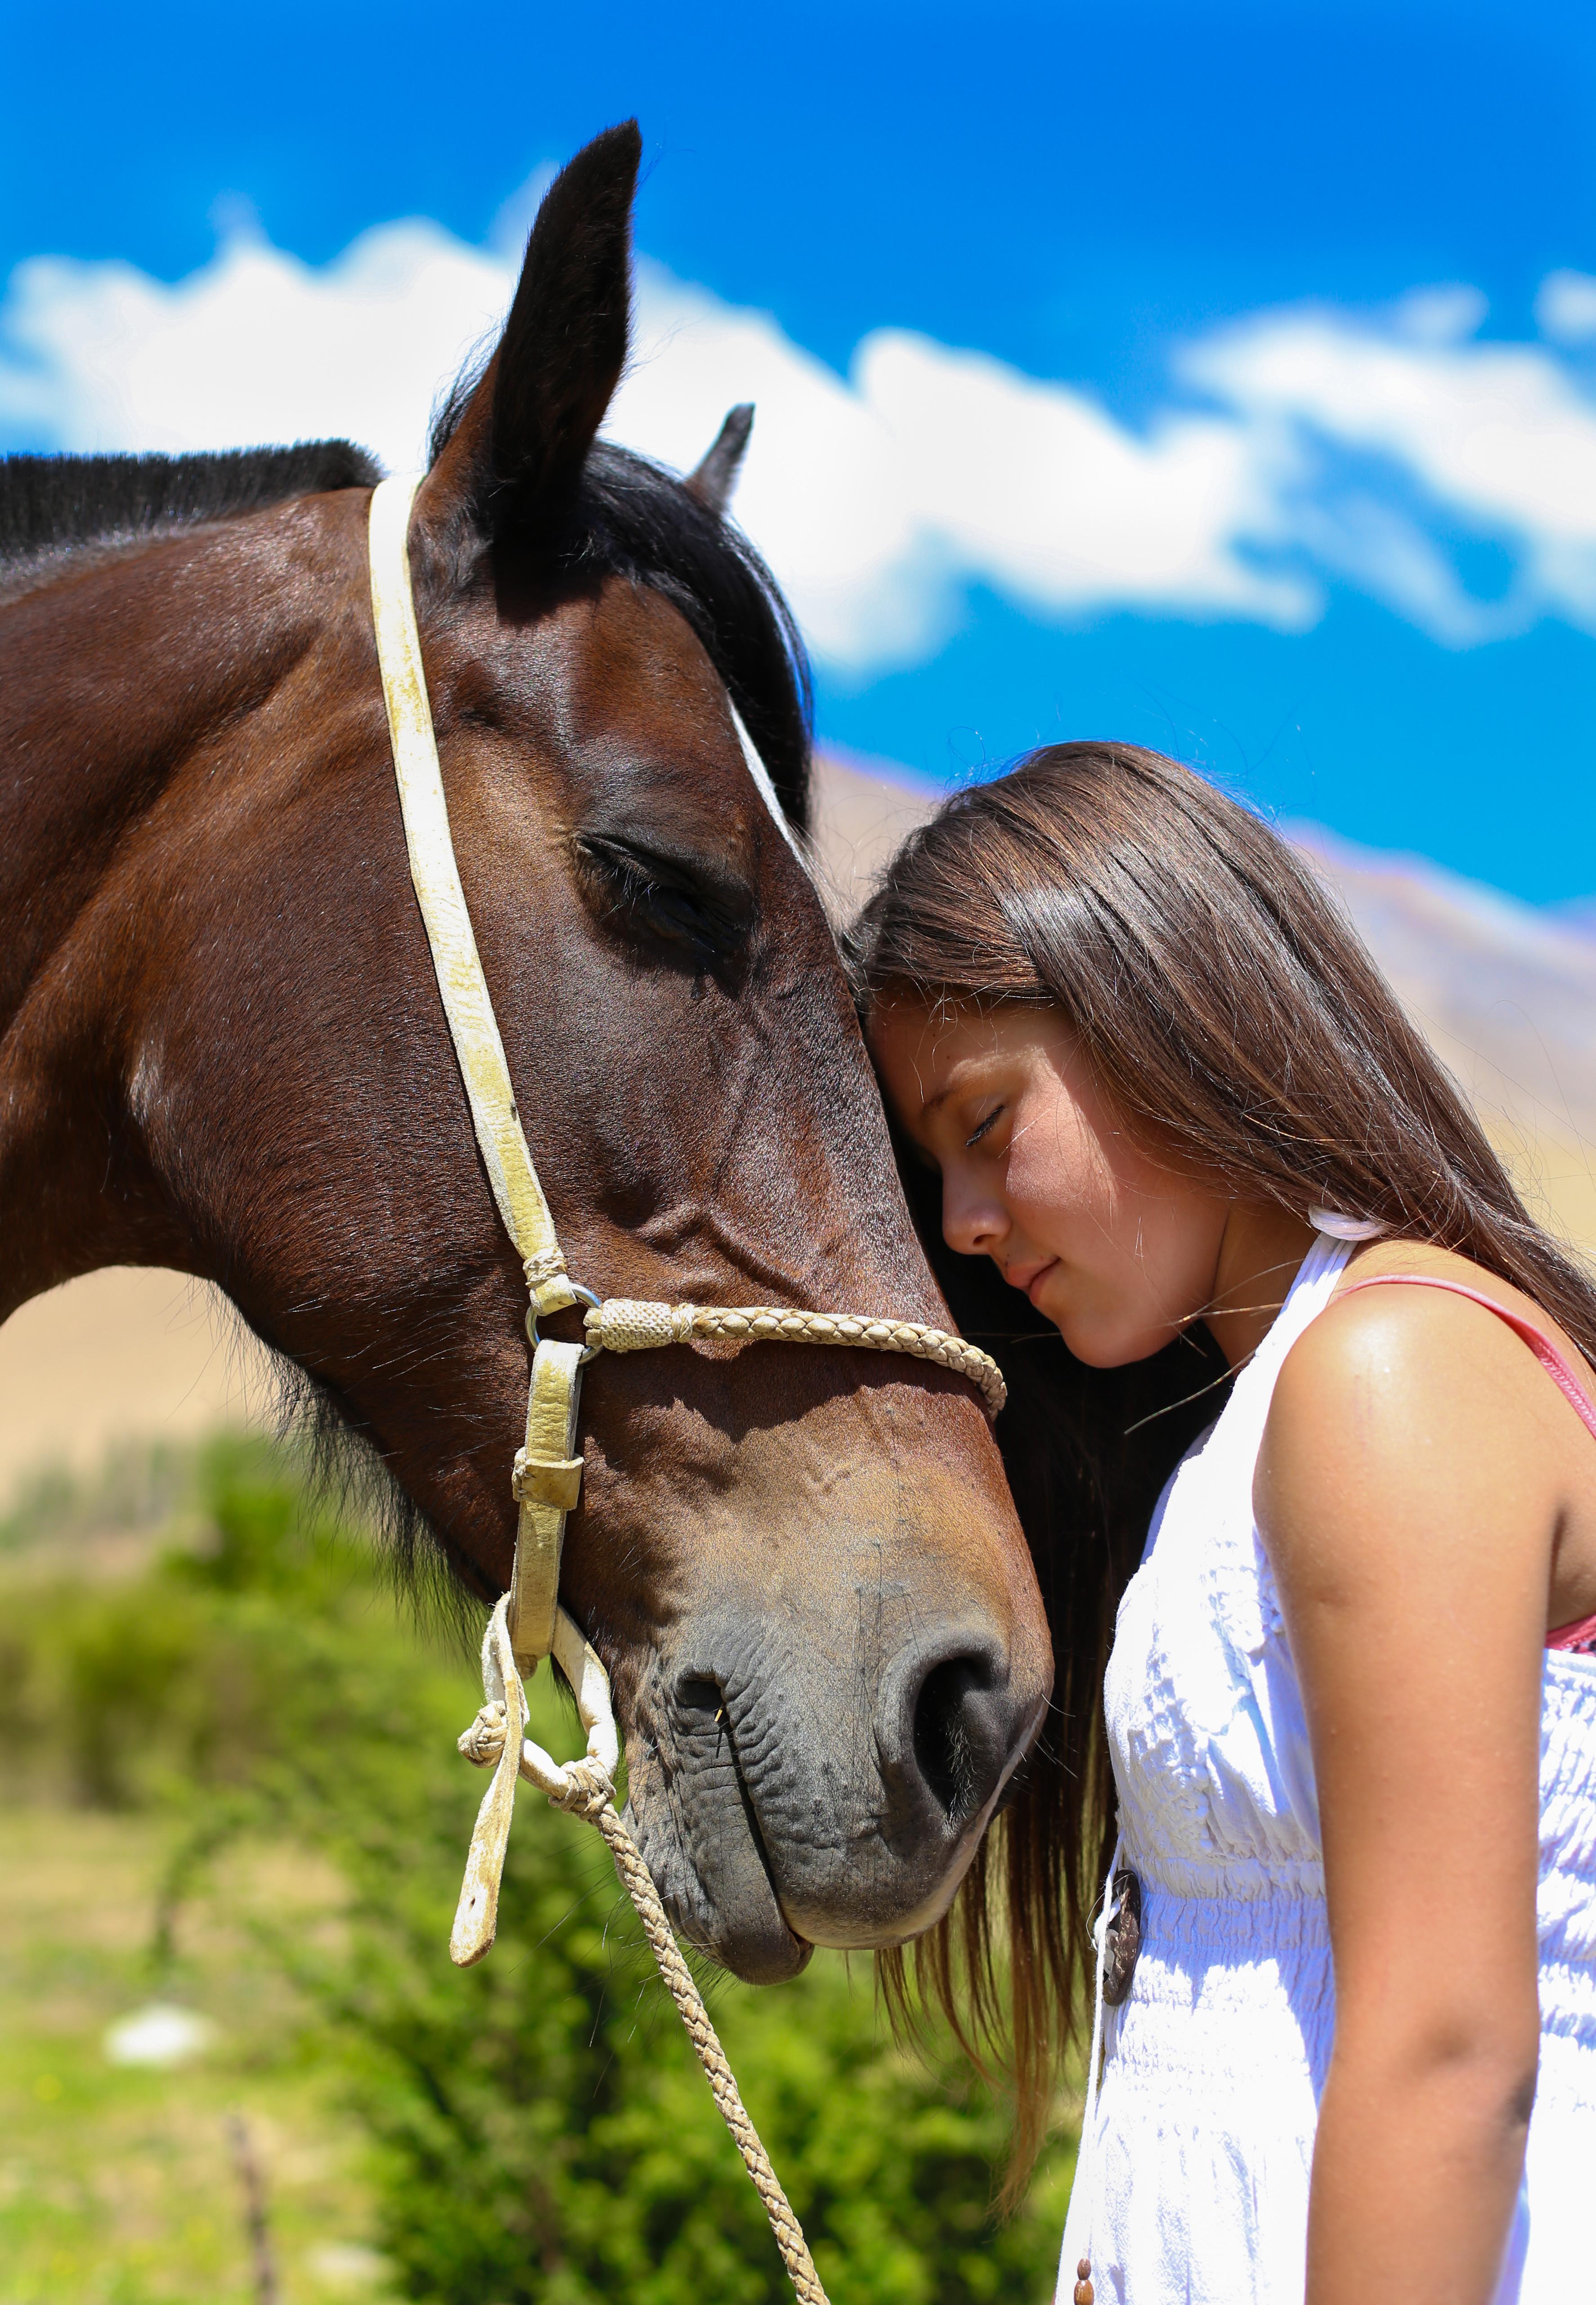 equinoterapia-caballos-que-curan1461256538